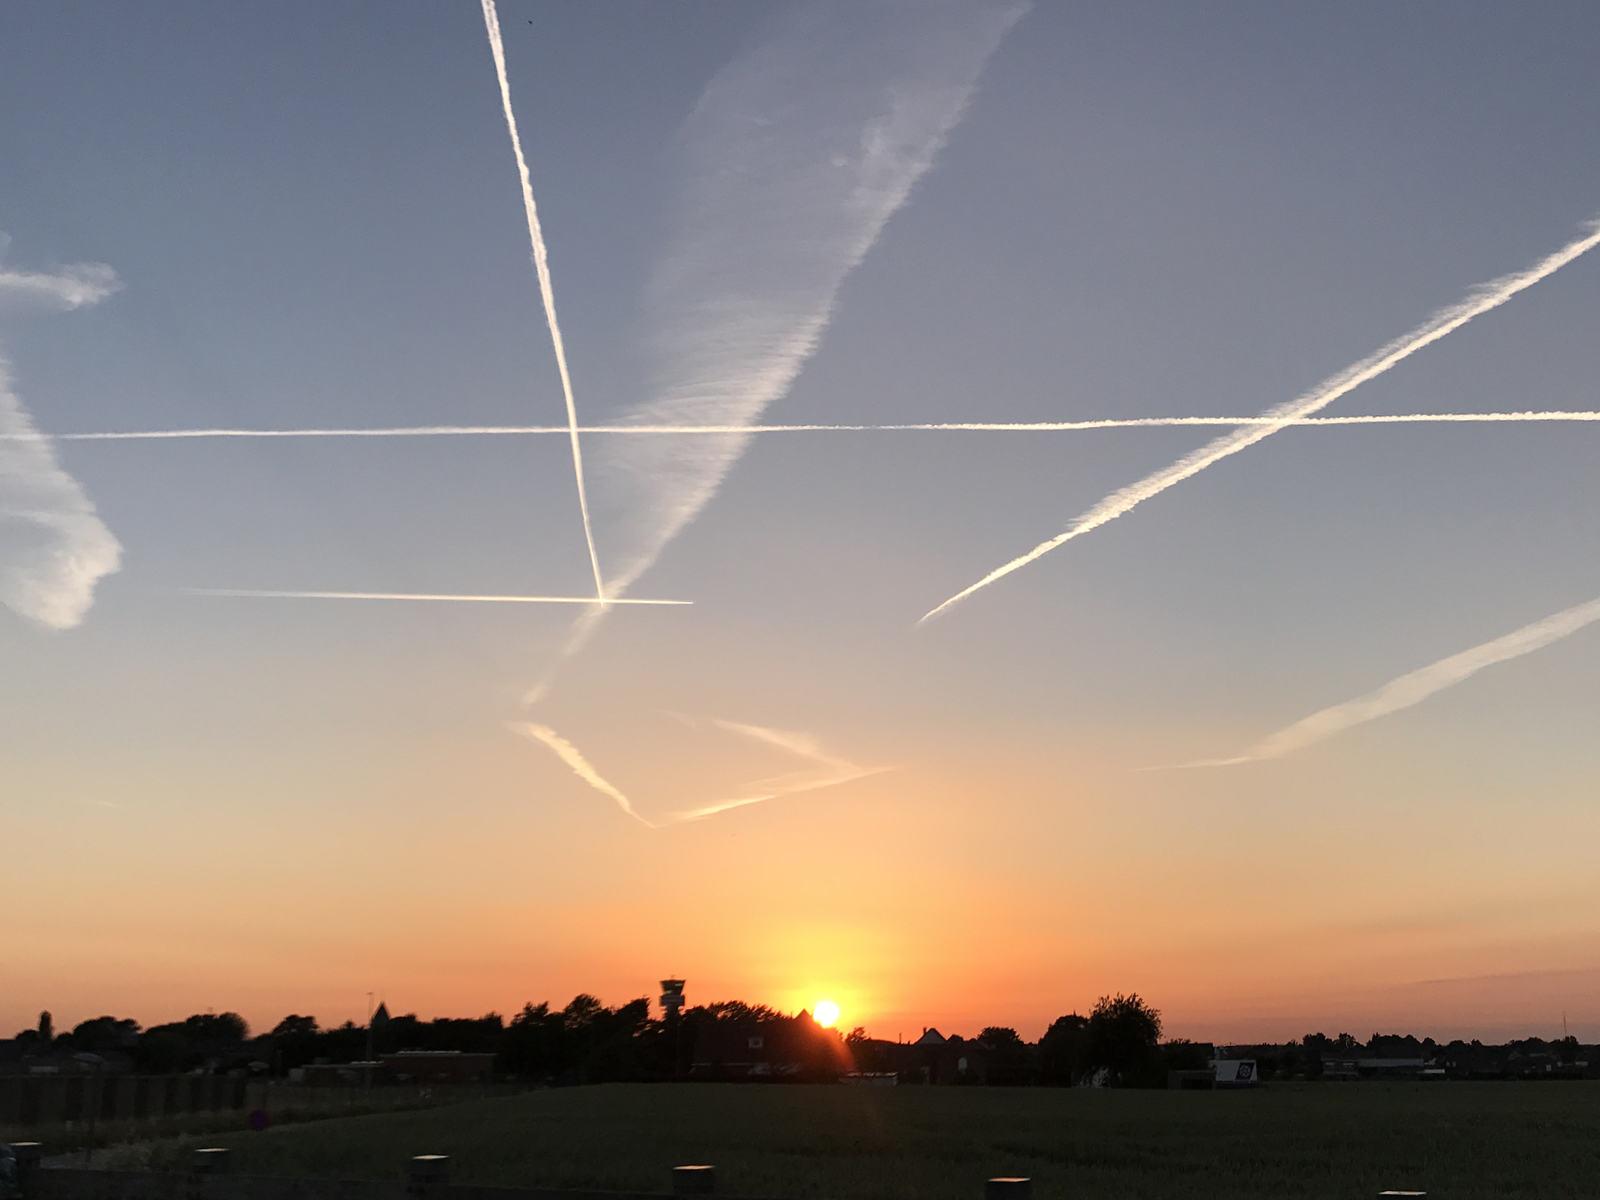 The sky over Zaventem